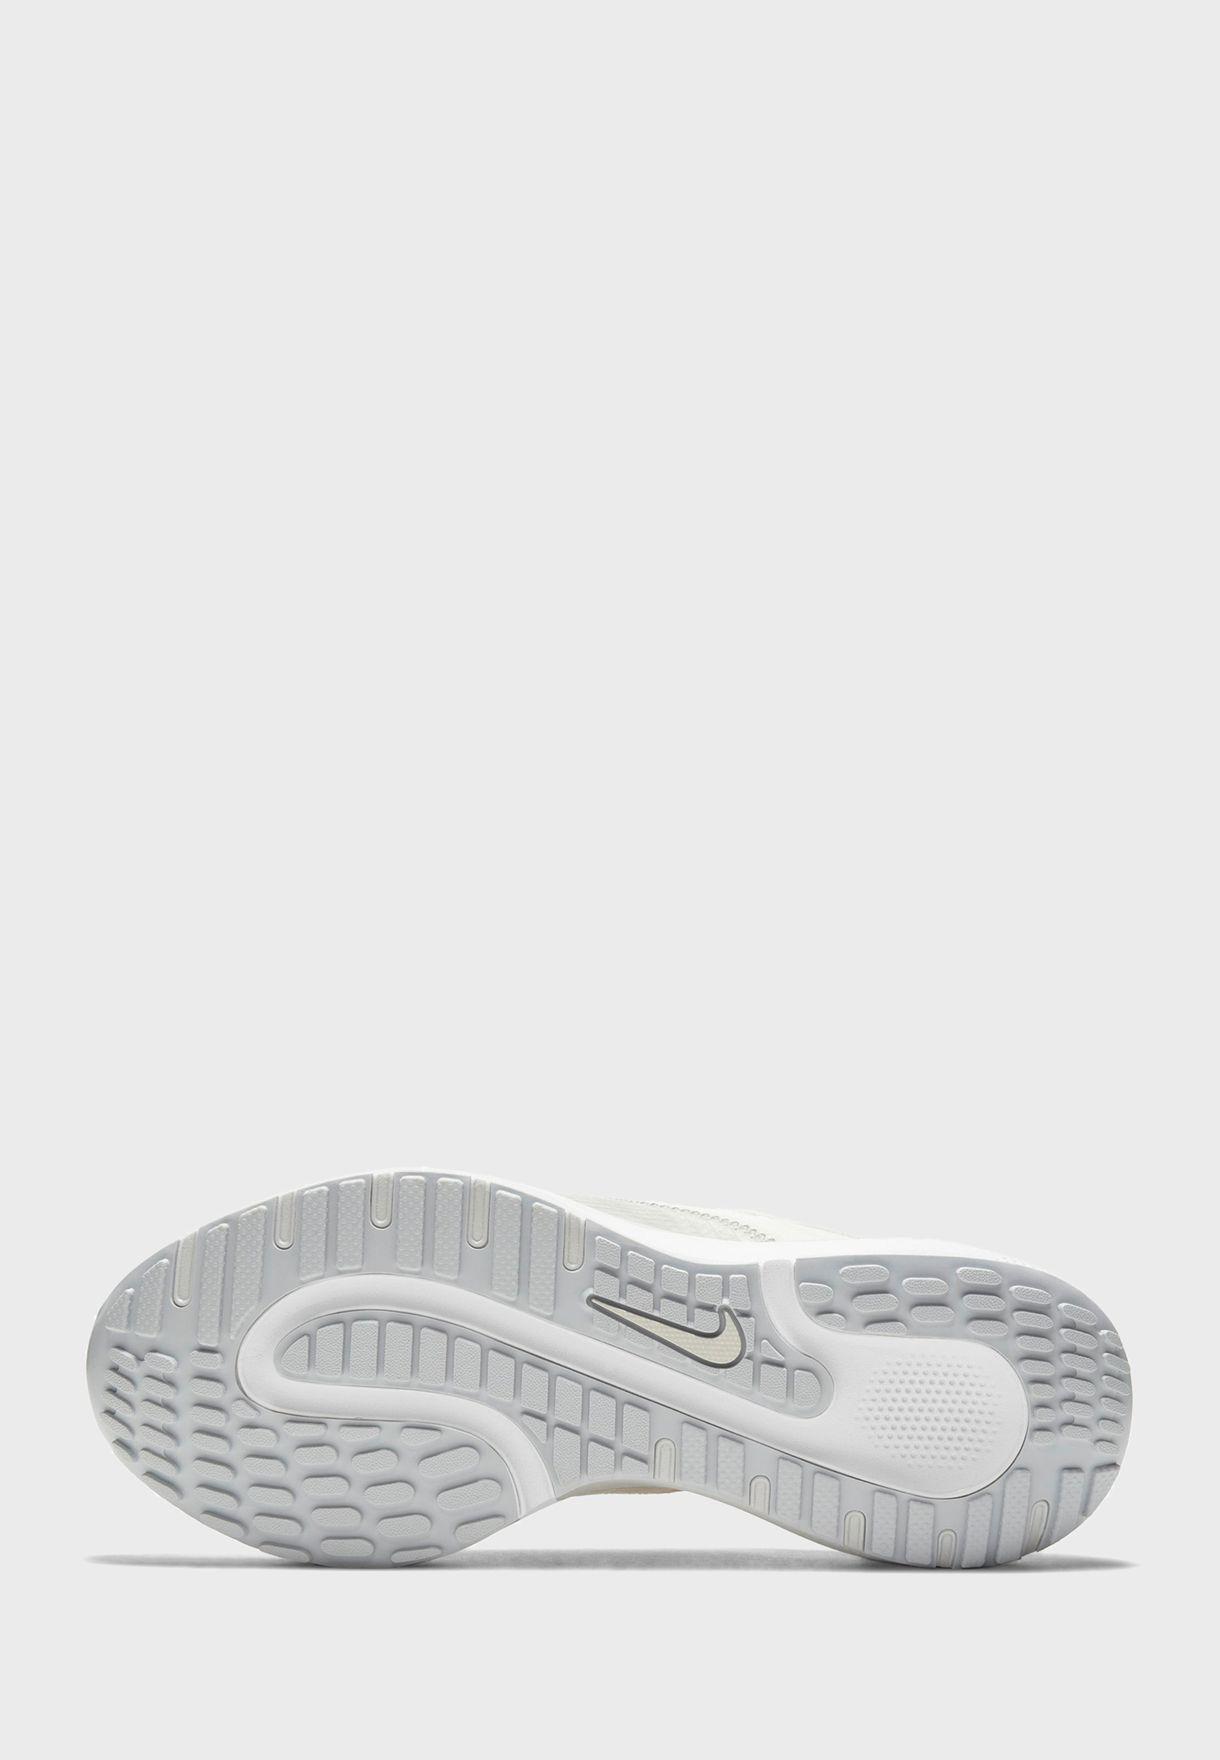 حذاء ايسكايب ران